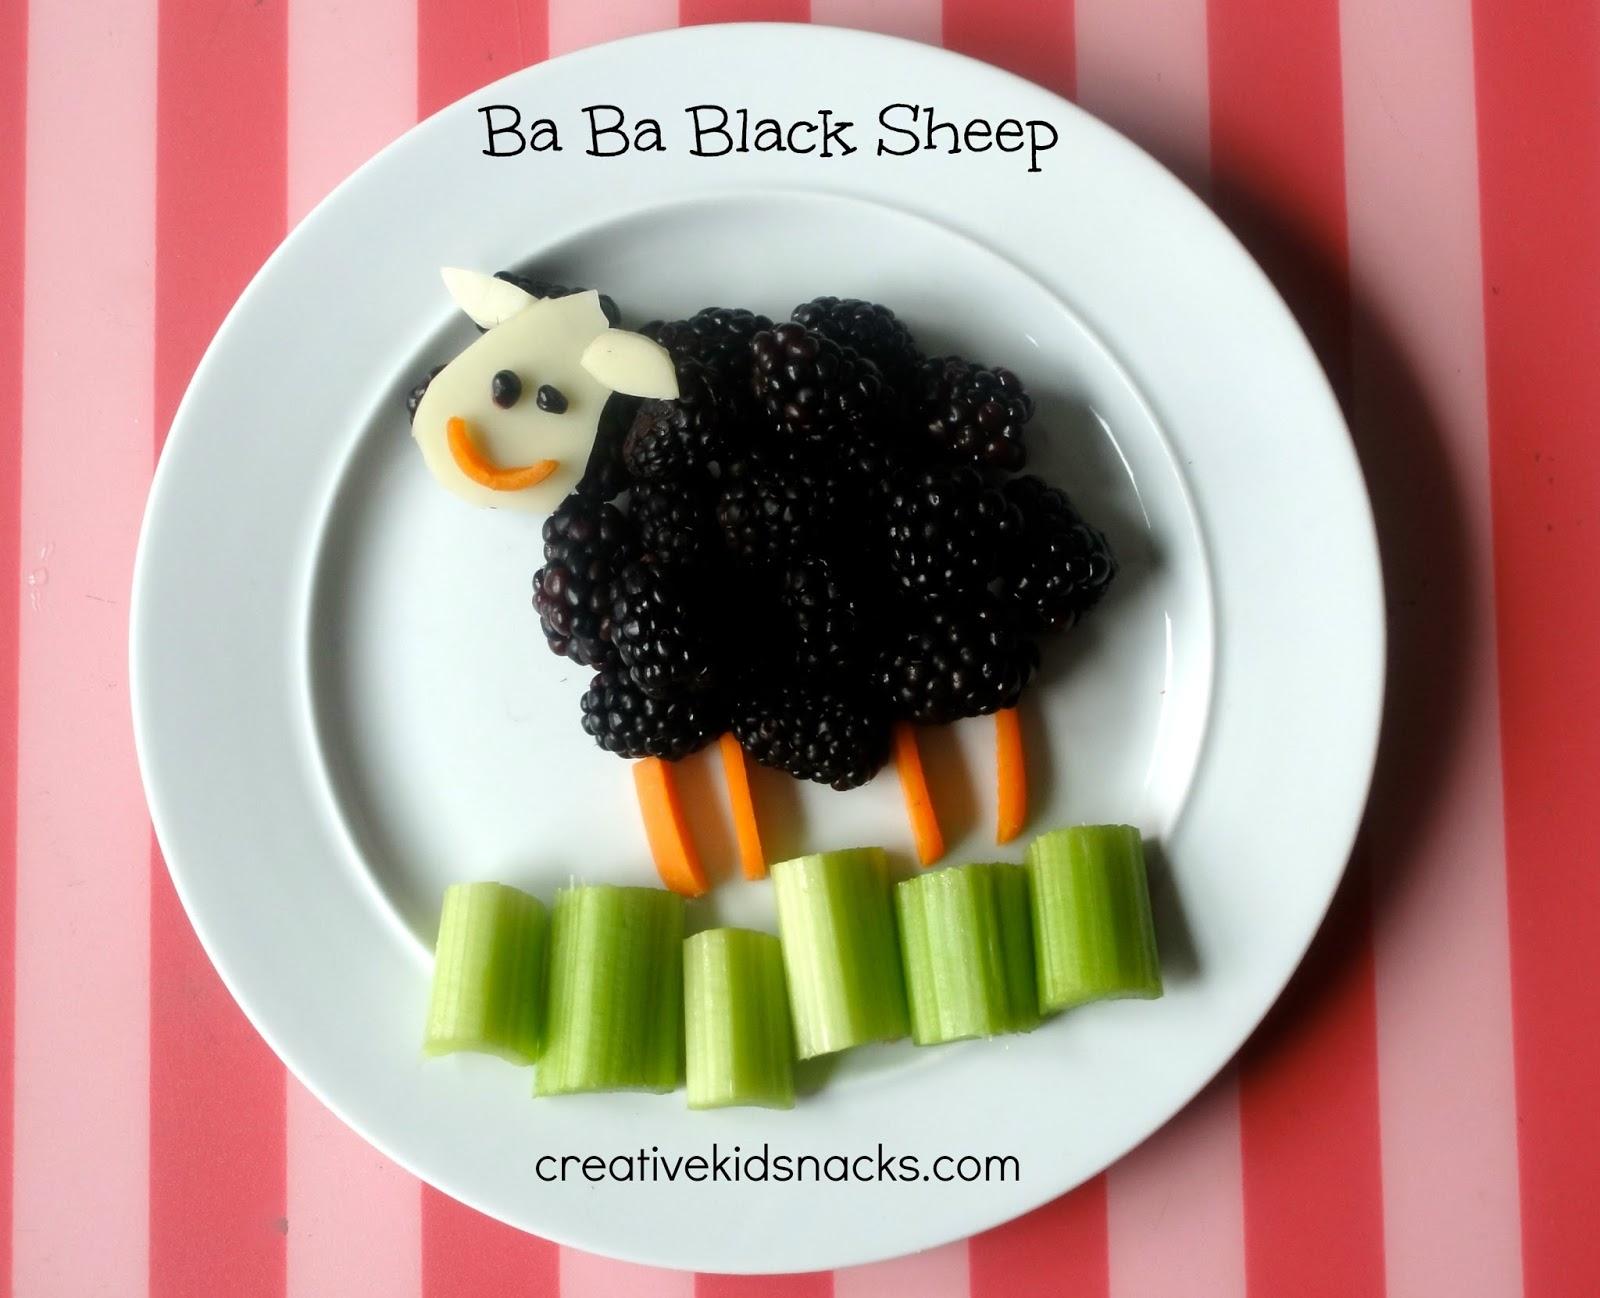 Early Language Skills Through Play Baa Baa Black Sheep